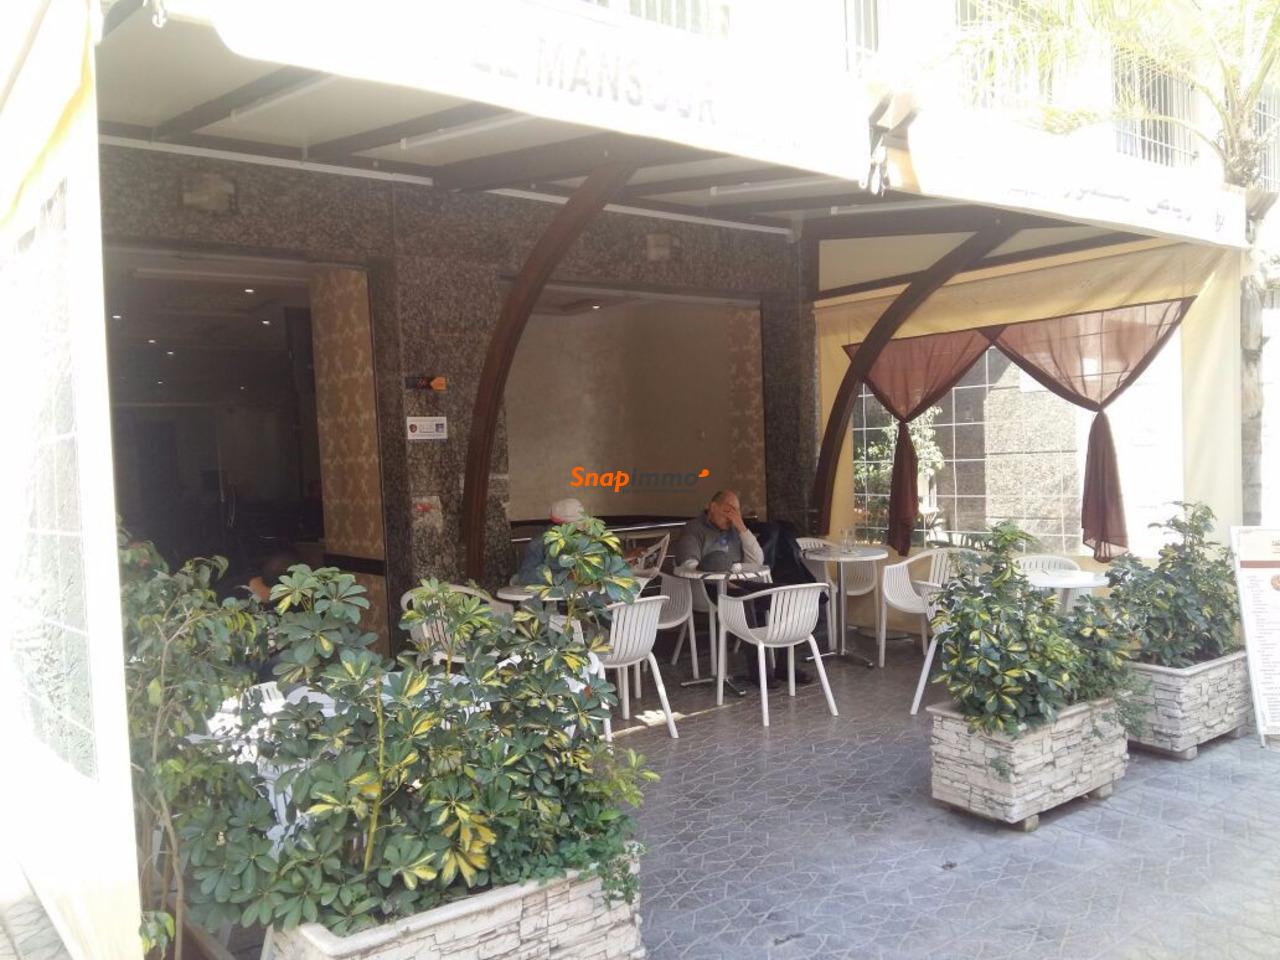 Cafe bien equipe a vendre - 1/4